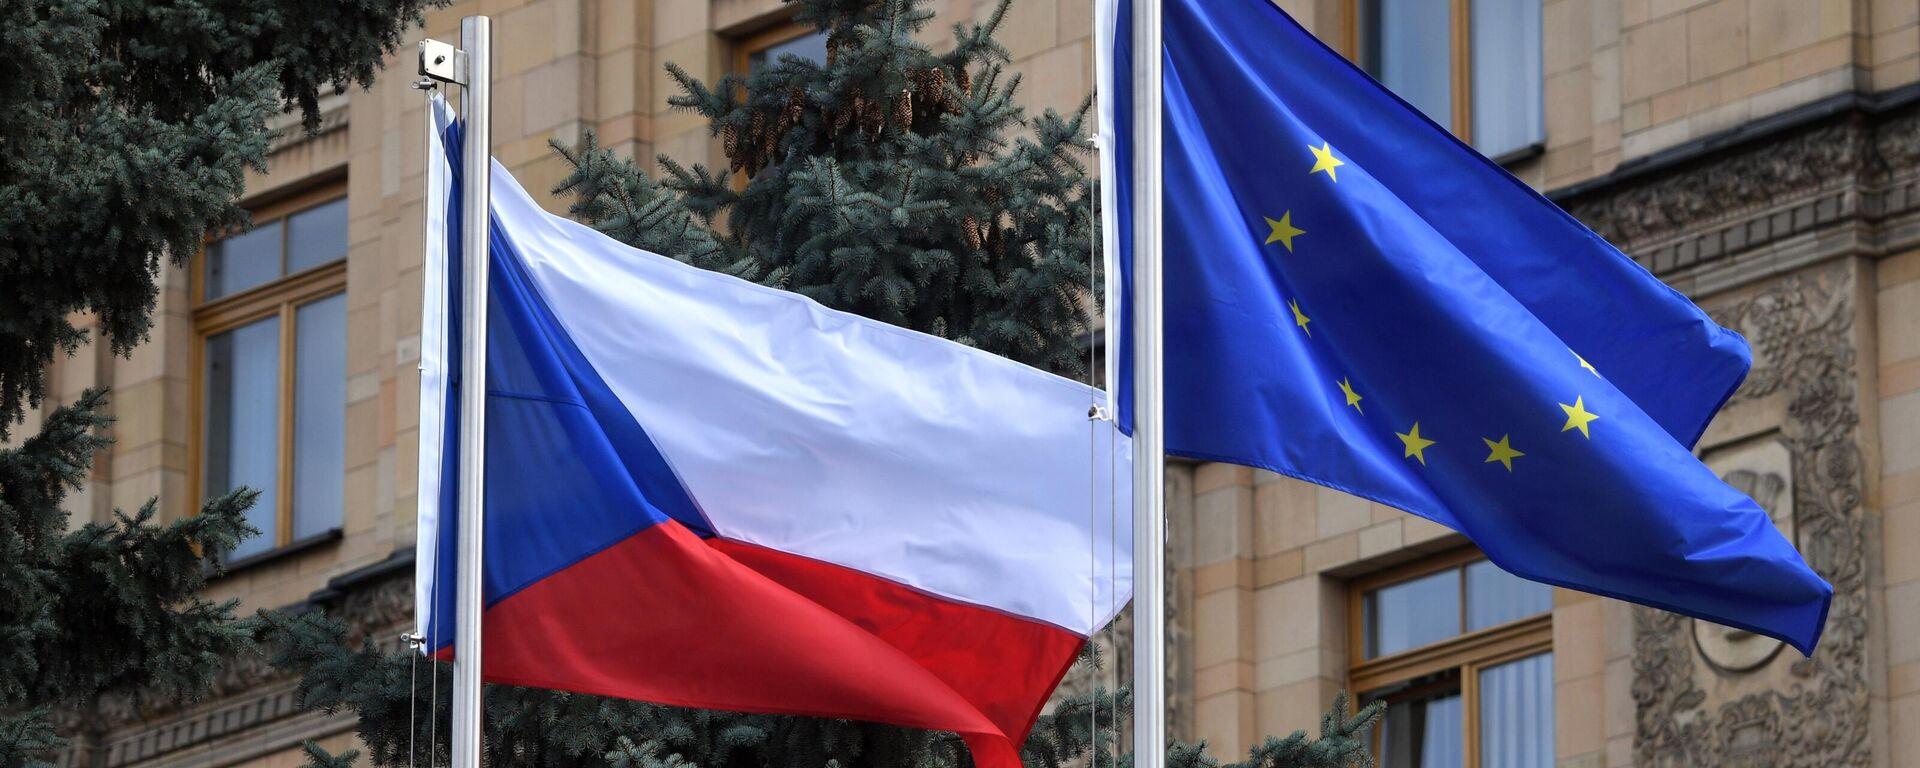 Banderas de la República Checa en Moscú - Sputnik Mundo, 1920, 26.05.2021